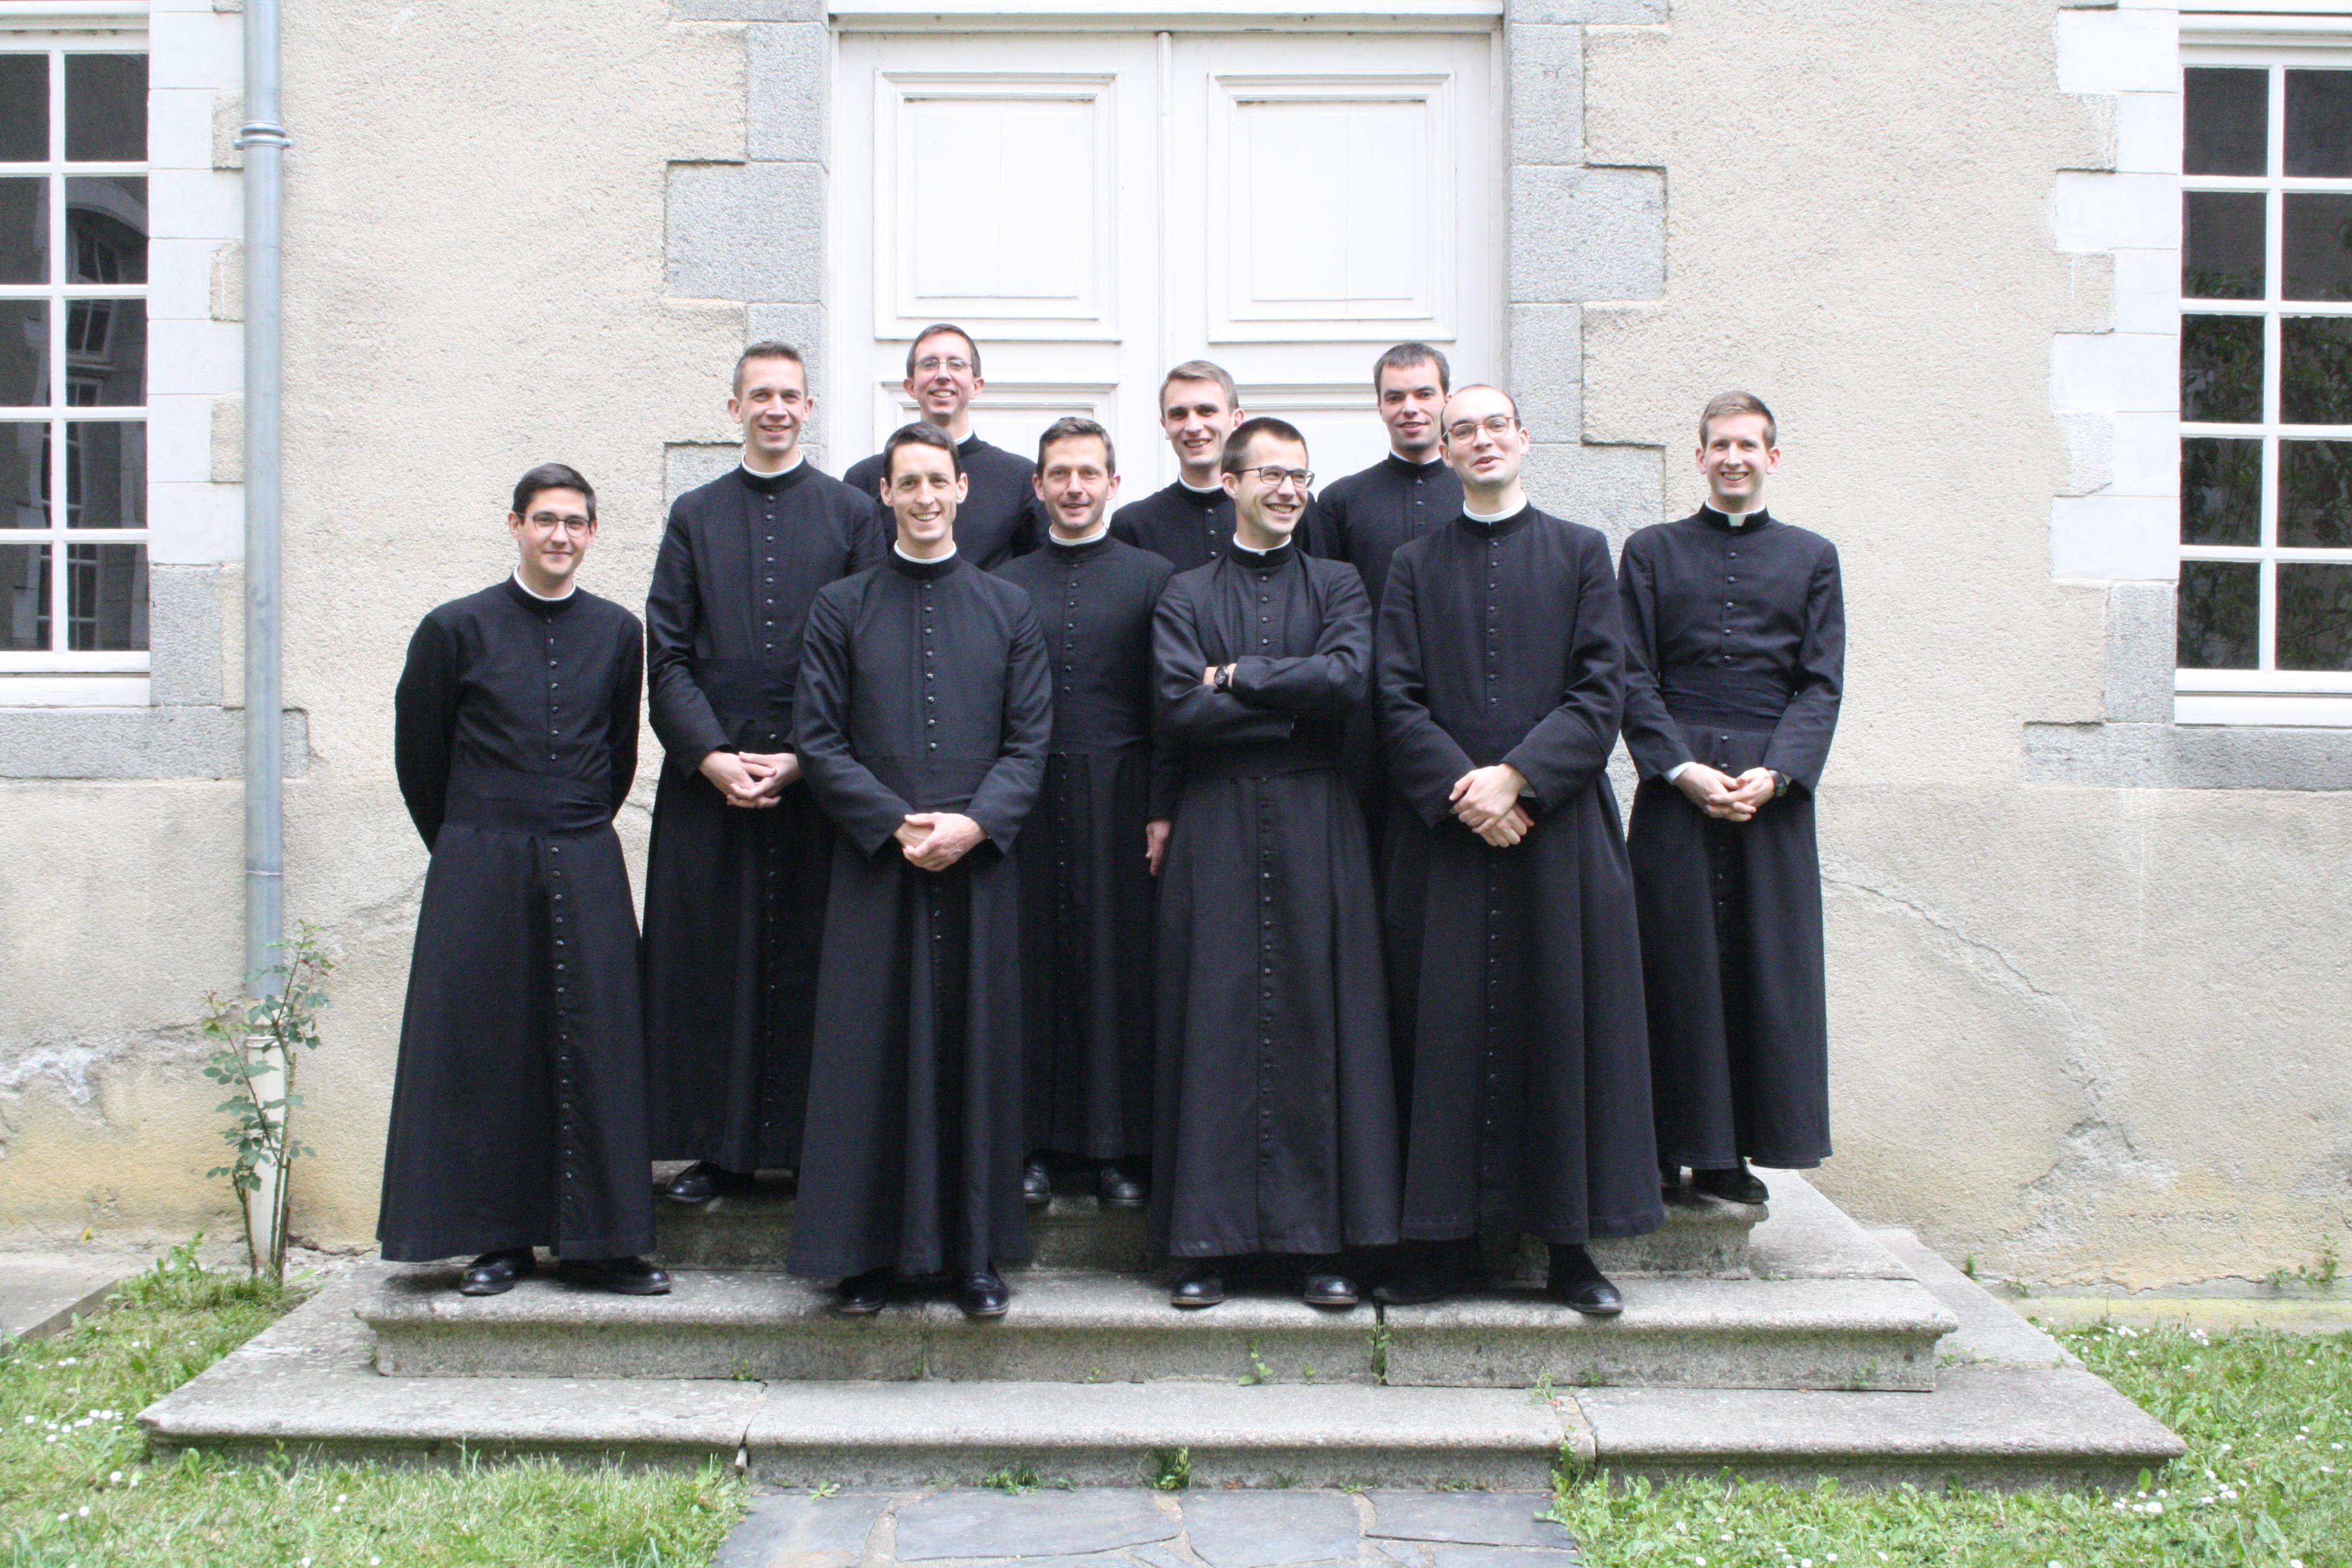 Le grand retour de la soutane chez les clercs